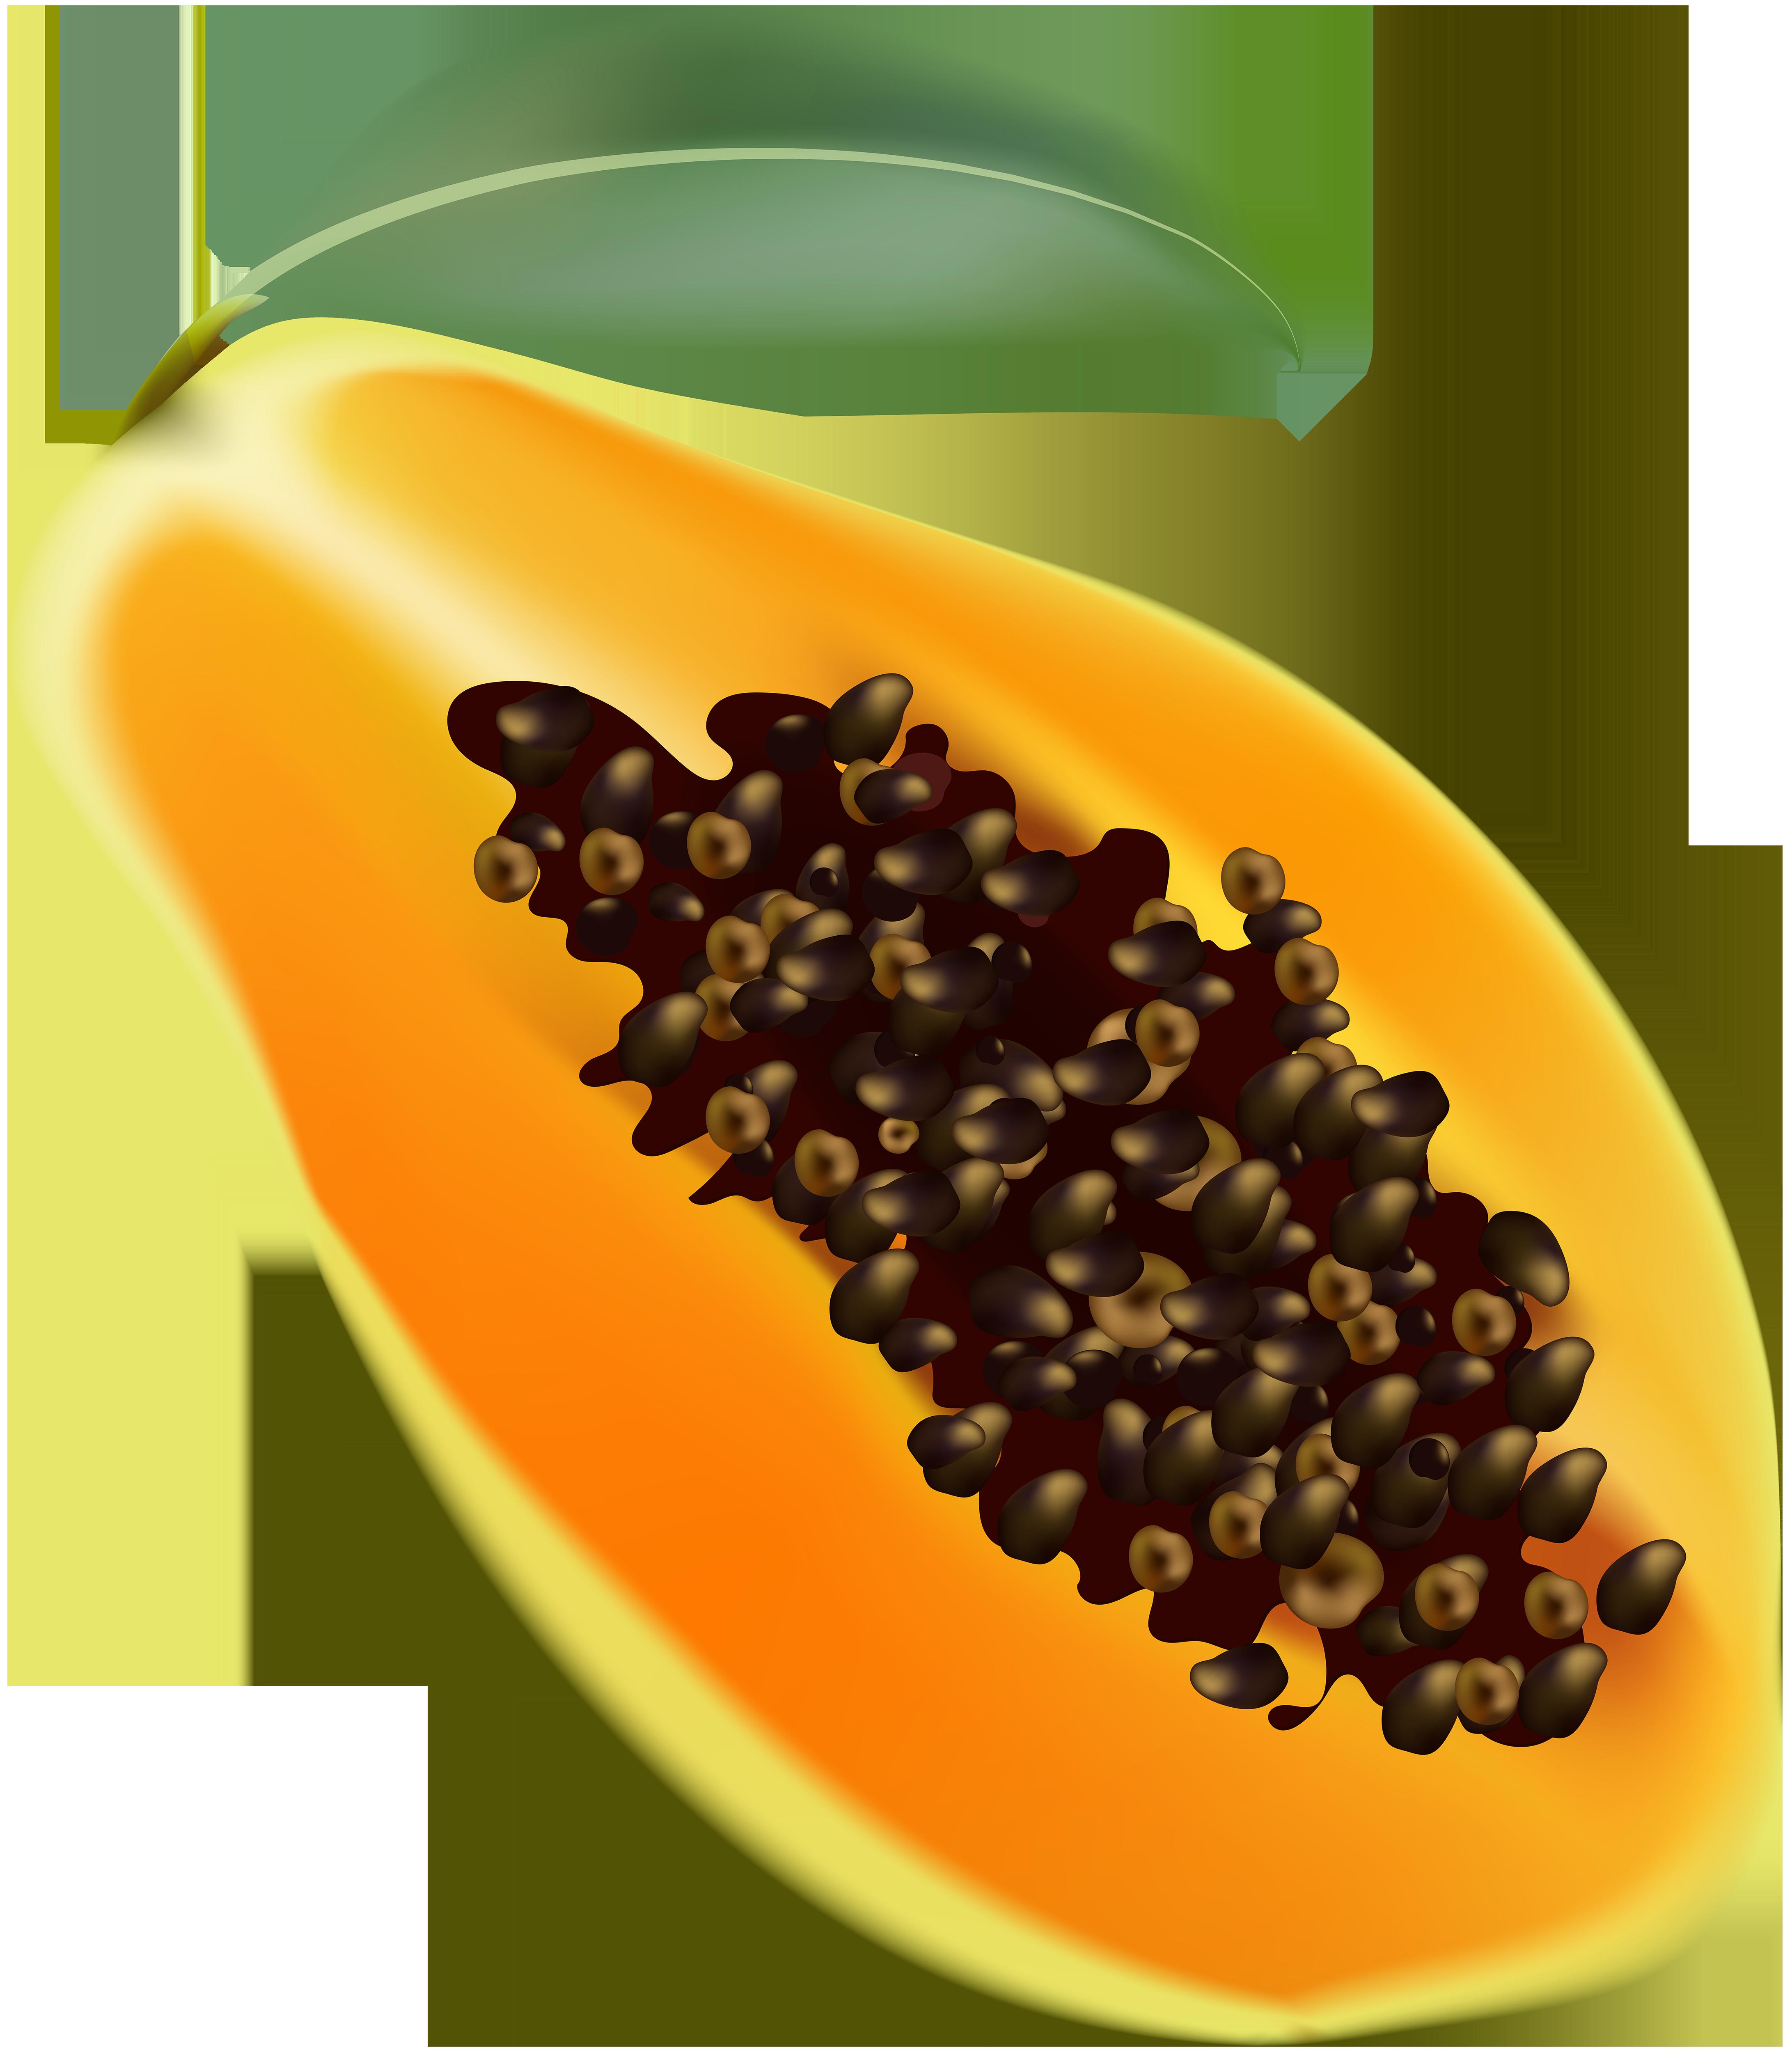 Transparent clip art image. Fruits clipart papaya